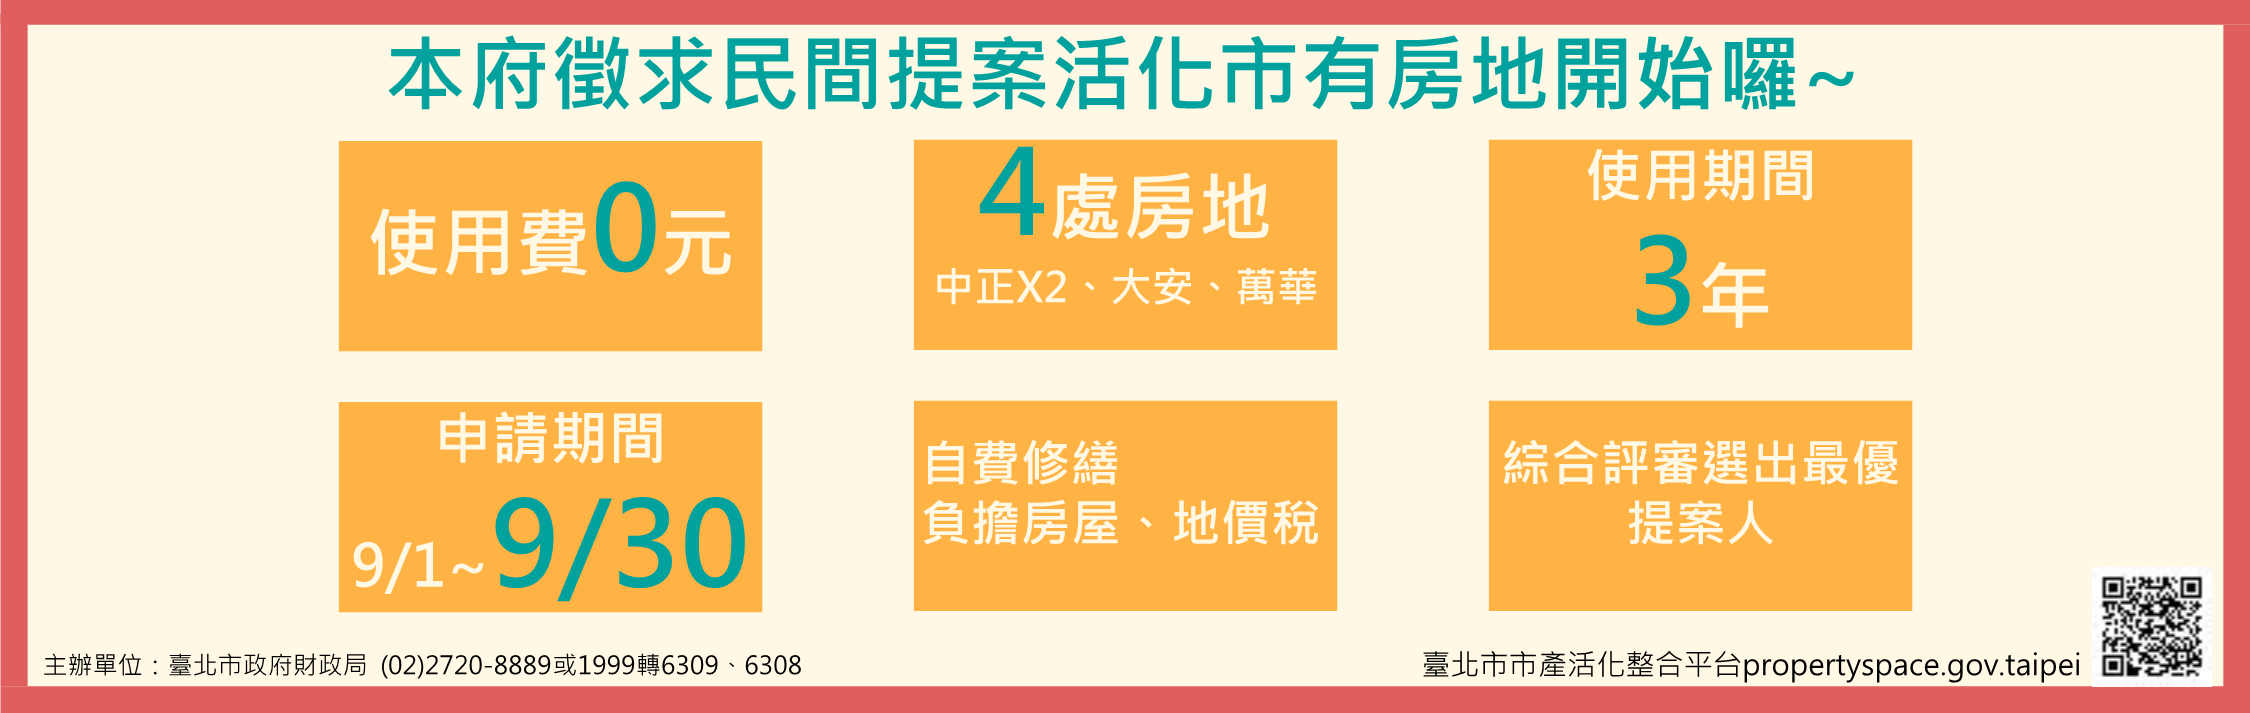 臺北市市產活化整合平台